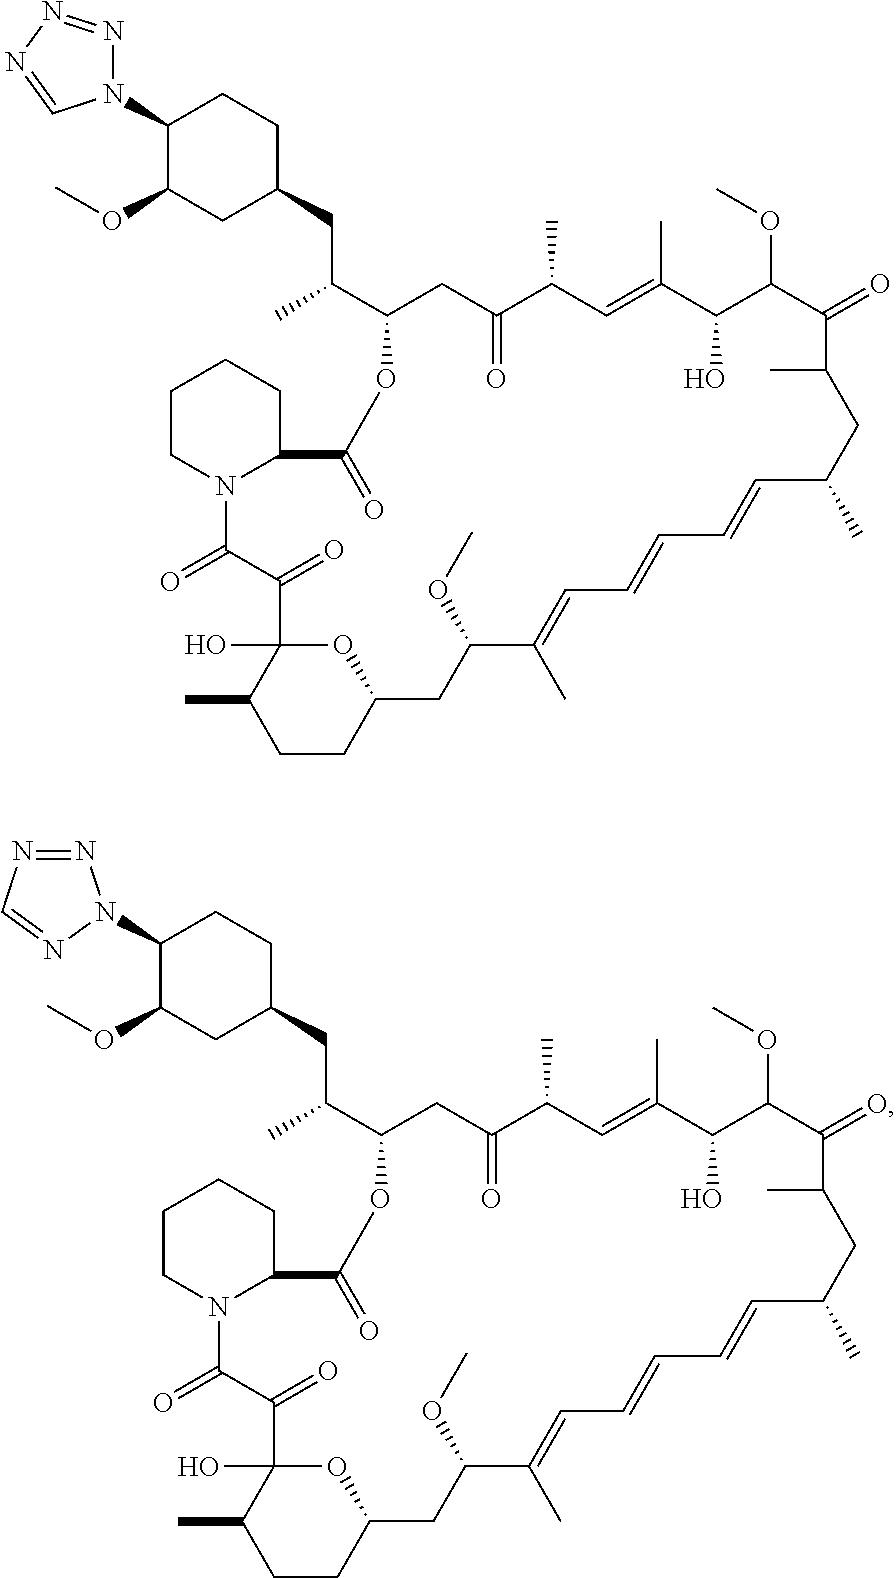 Figure US08257724-20120904-C00008